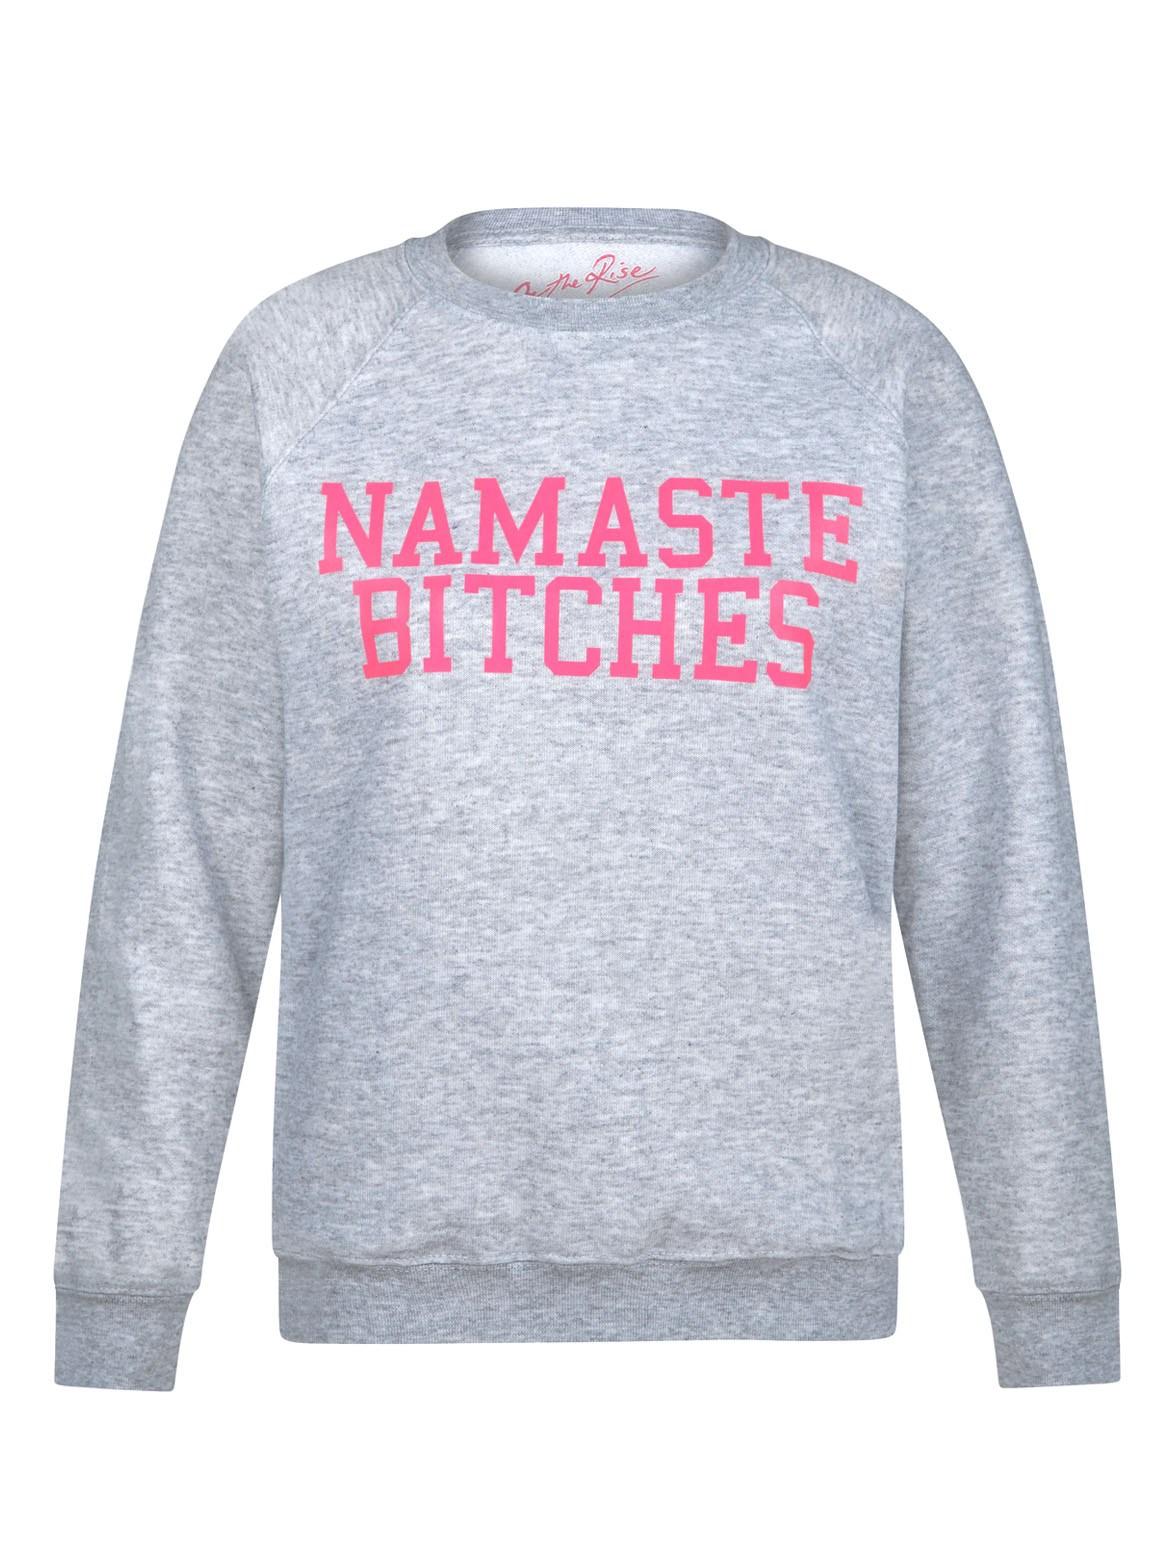 On-The-Rise-Namaste-Bitches-Sweatshirt-.jpg